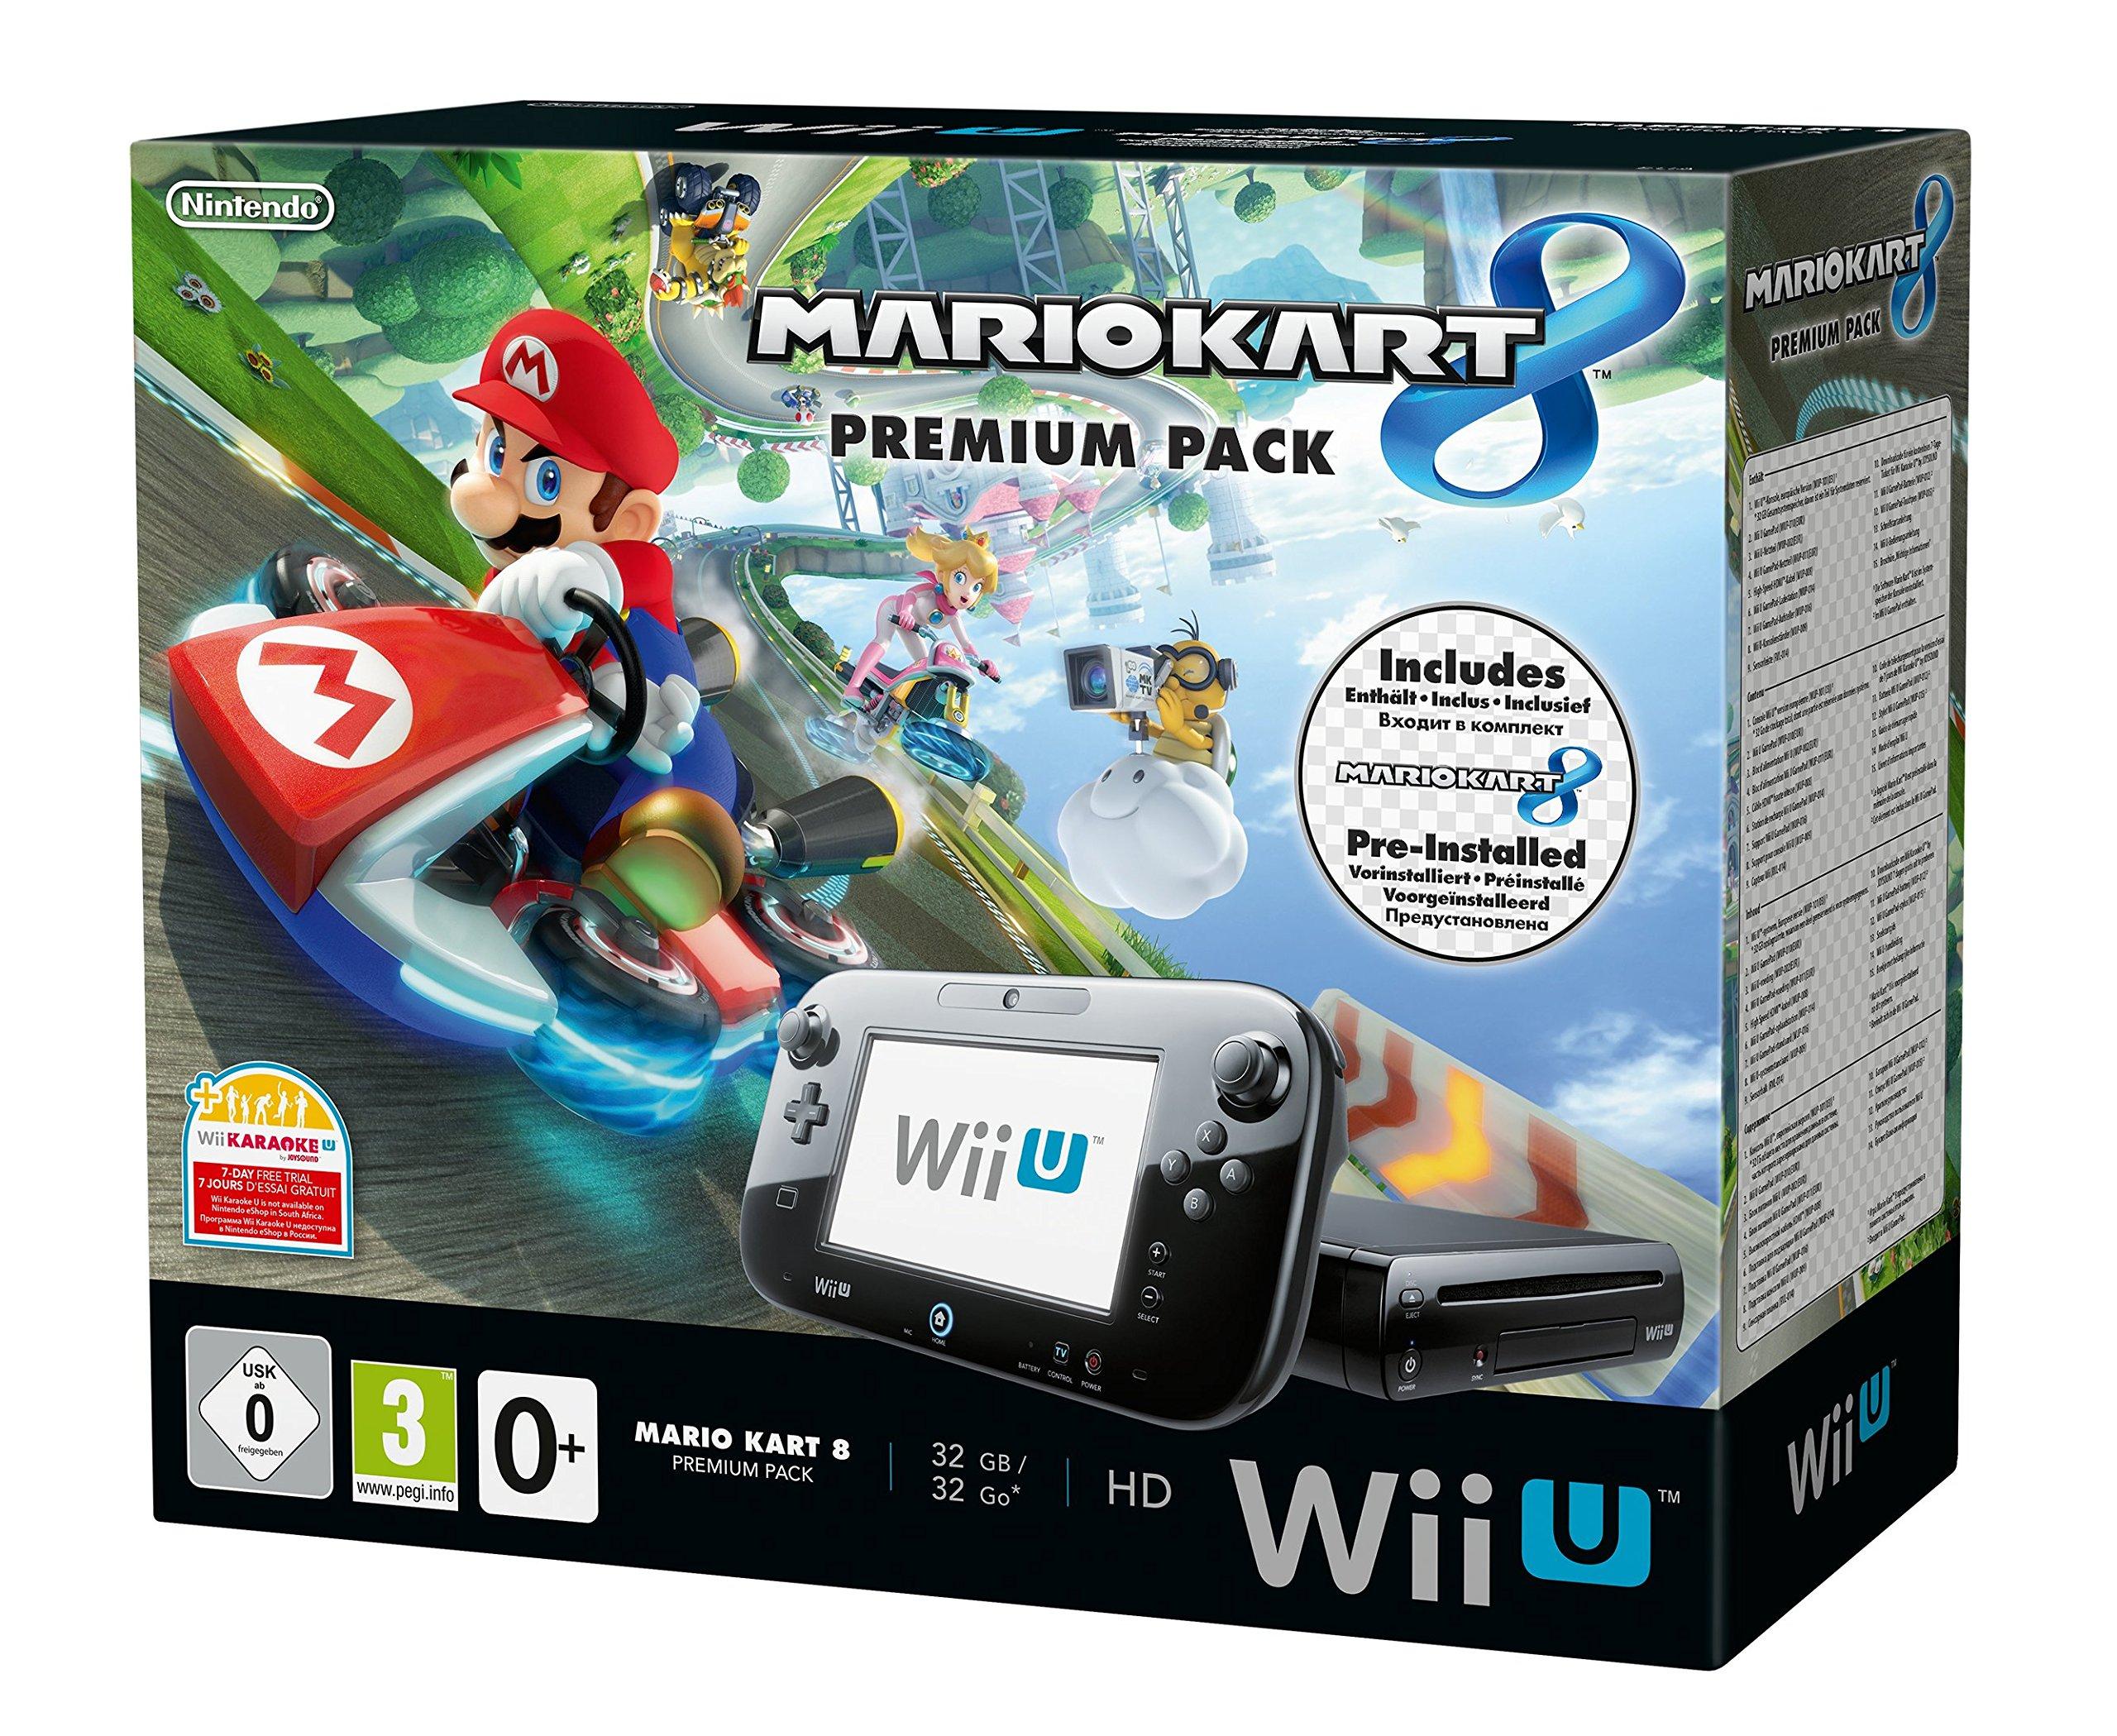 Nintendo Wii U Premium Pack schwarz inkl. Mario Kart 8 (vorinstalliert) 32 GB